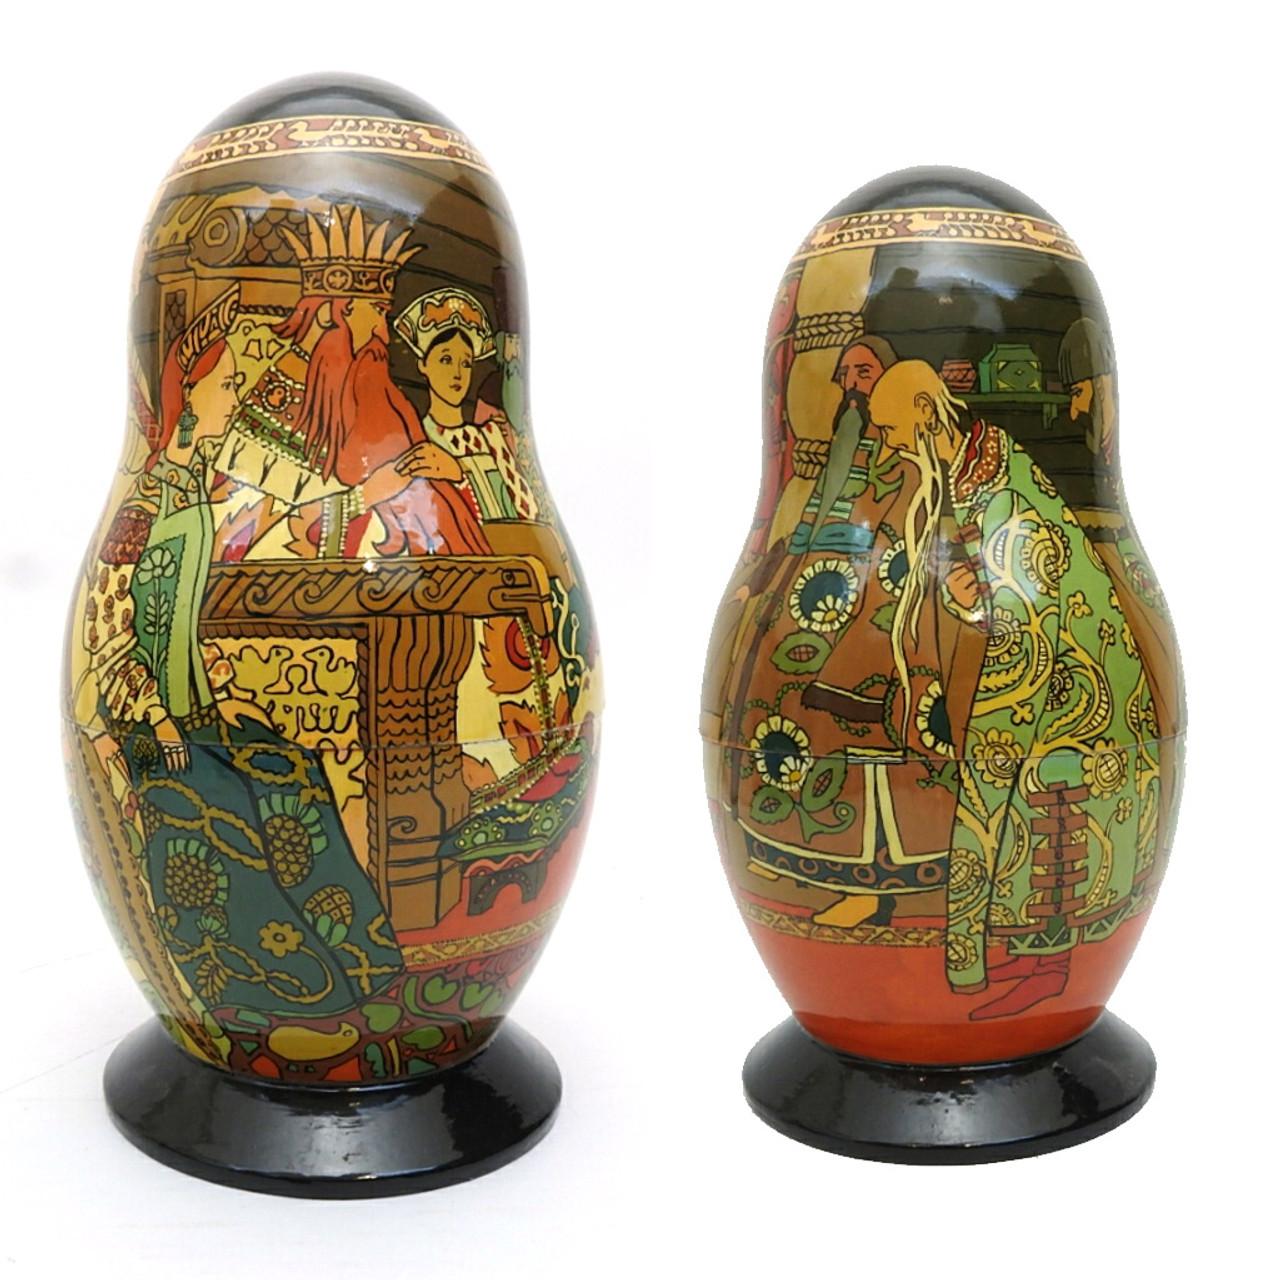 Tsar Saltan Bilibin Artistic Matryoshka   1st Doll Front and Back